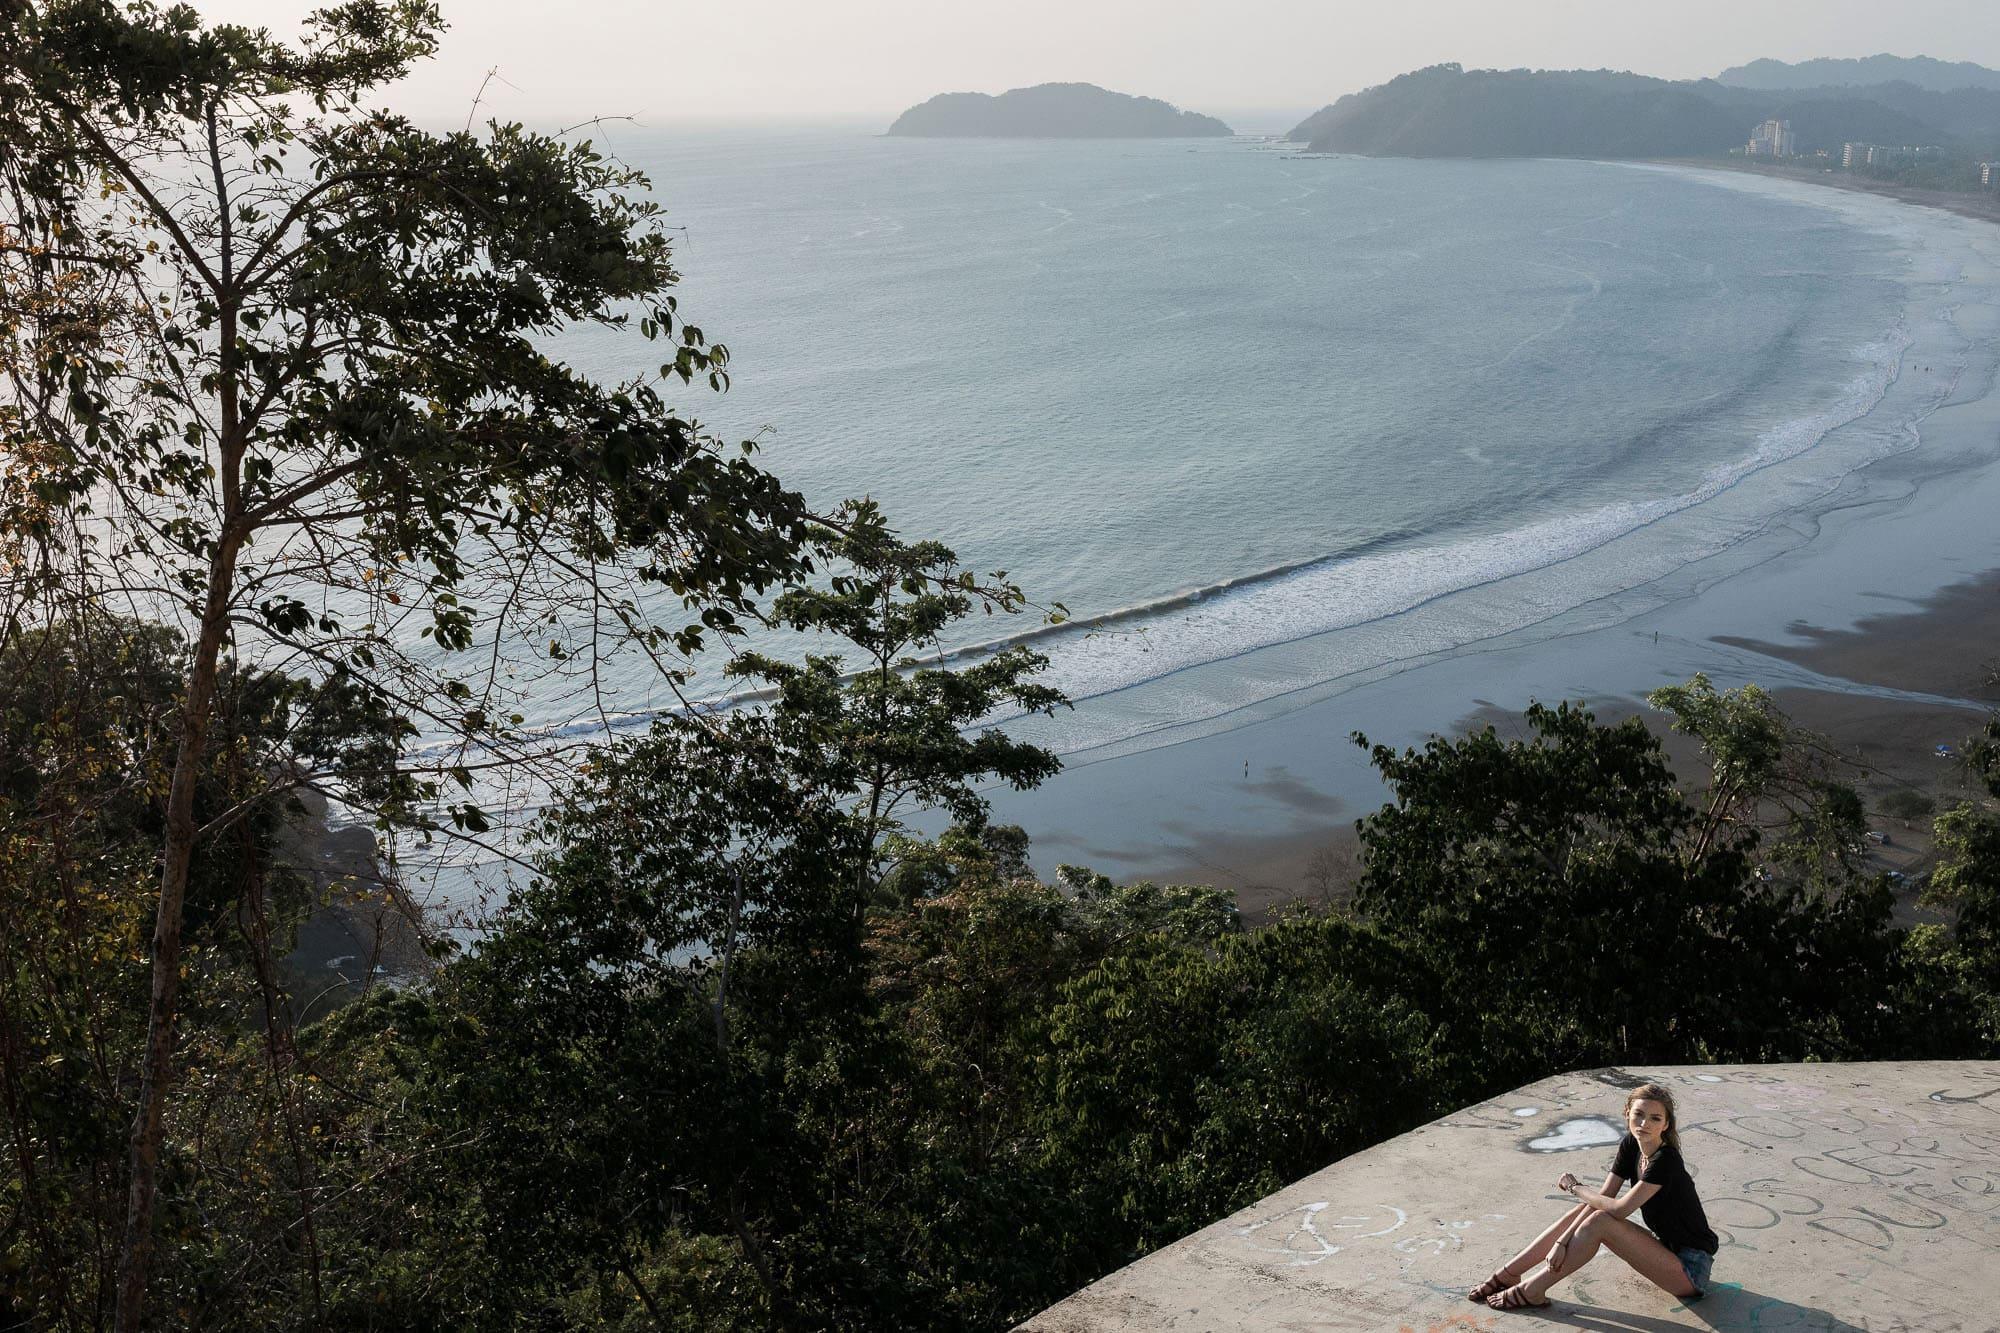 Epic shot overlooking the Pacific Ocean